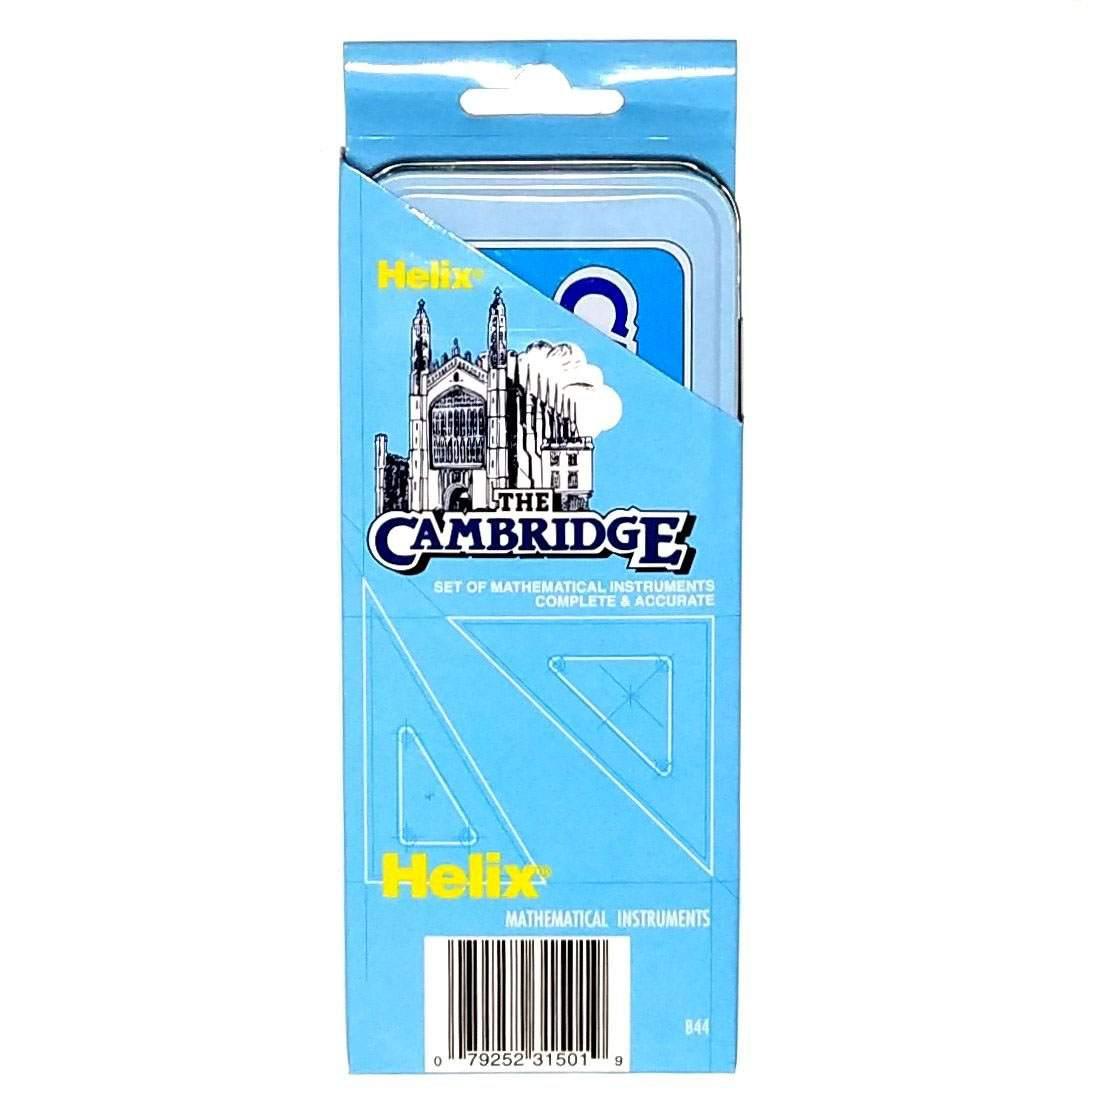 ست لوازم تحریر هلیکس Helix مدل Cambridge مجموعه 9 عددی